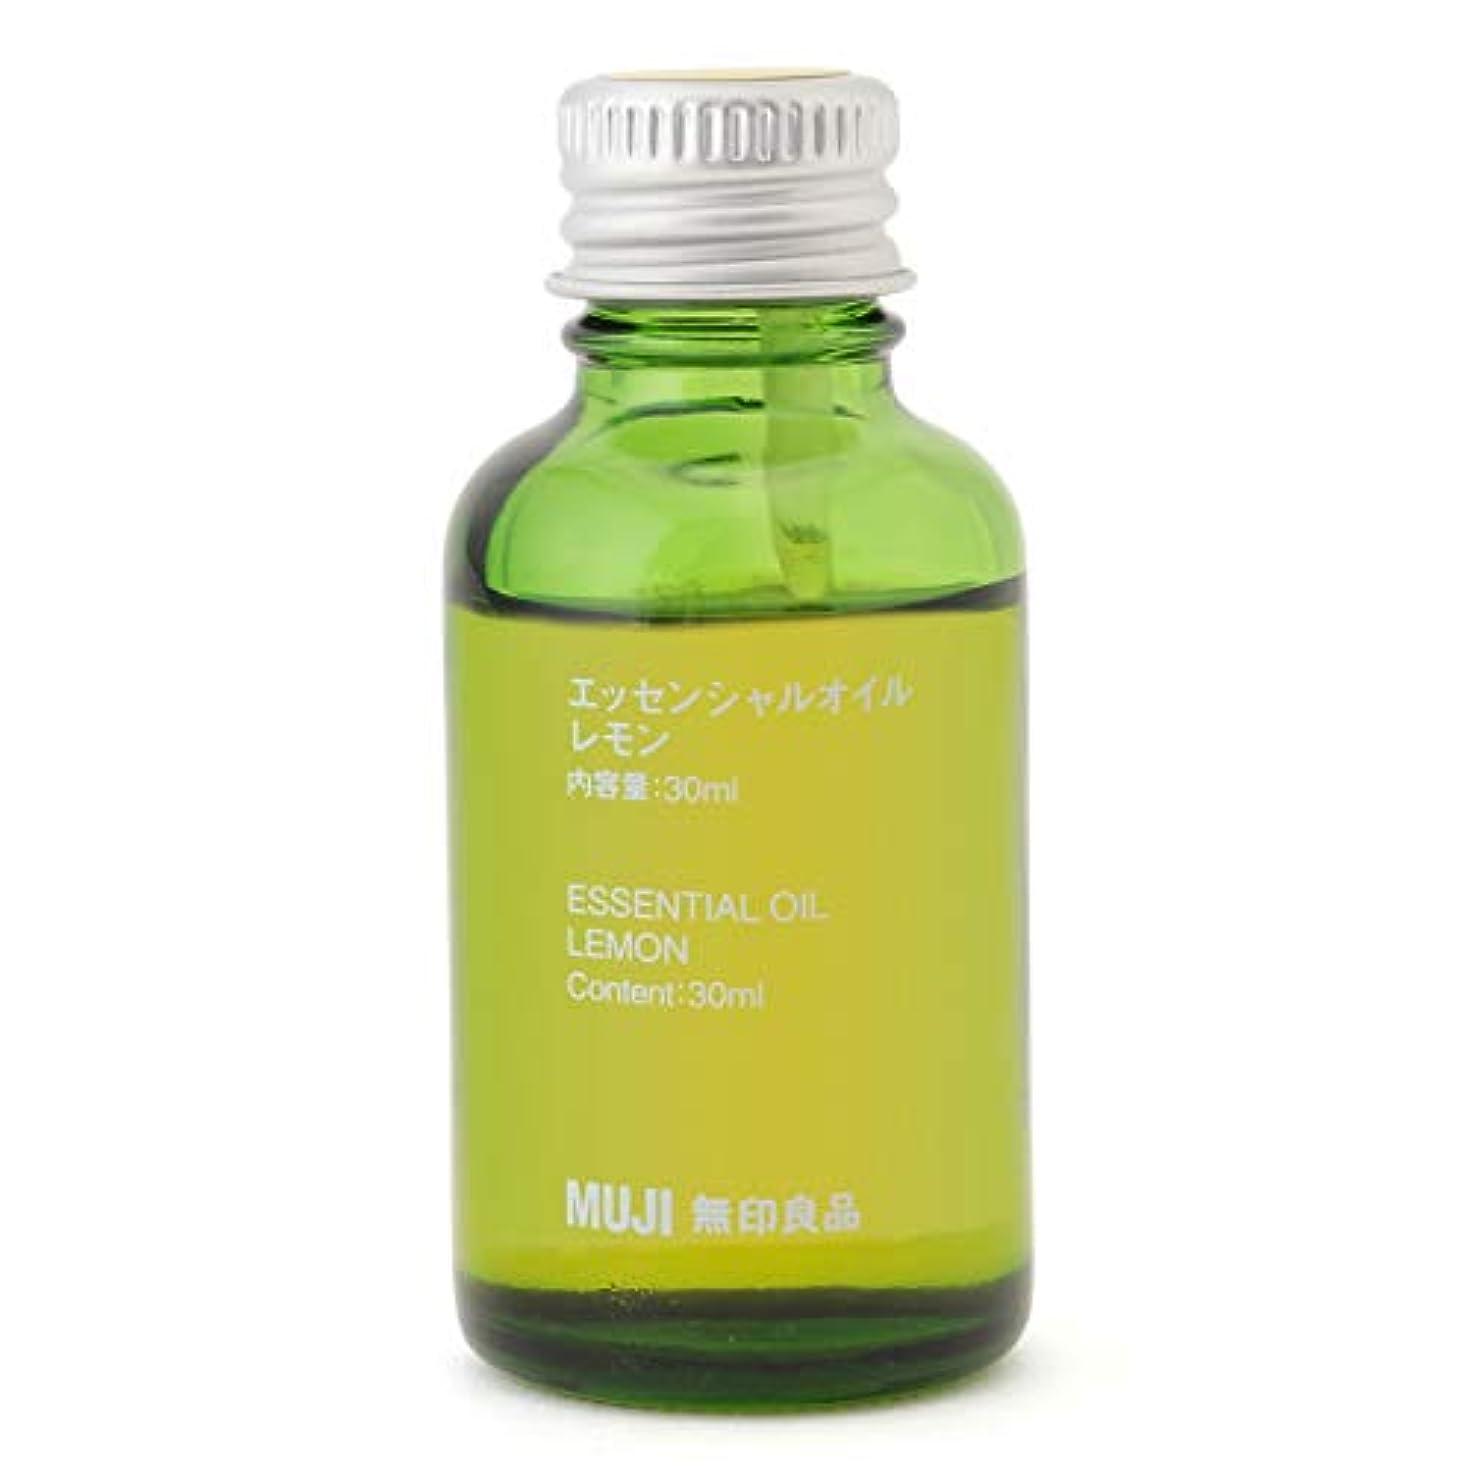 トラックダニ集計【無印良品】エッセンシャルオイル30ml(レモン)